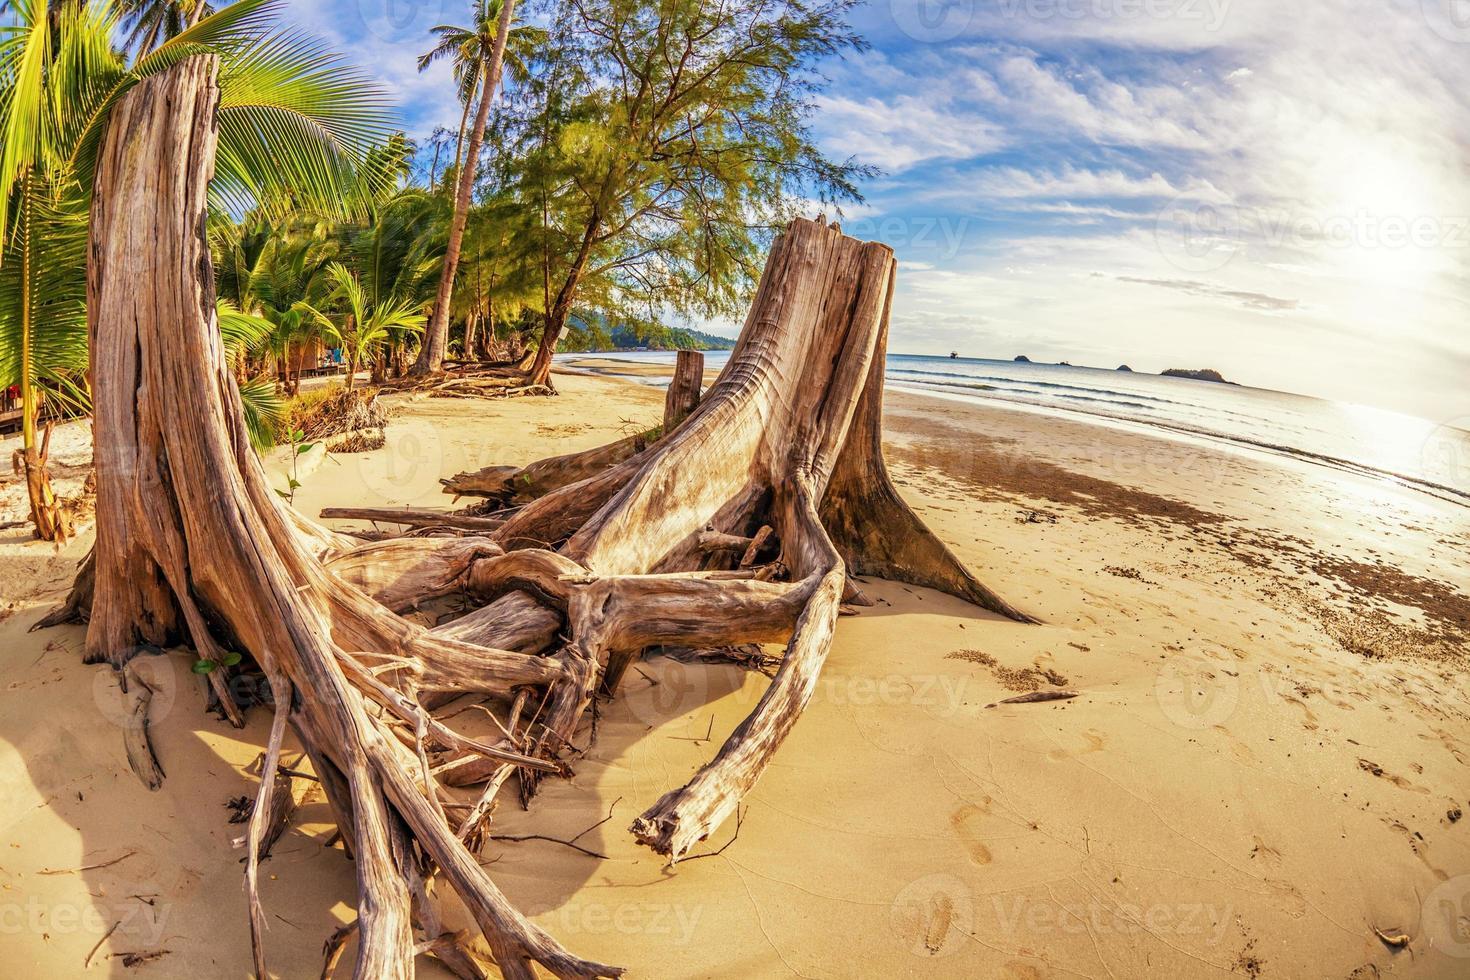 tocón de árbol en la playa foto